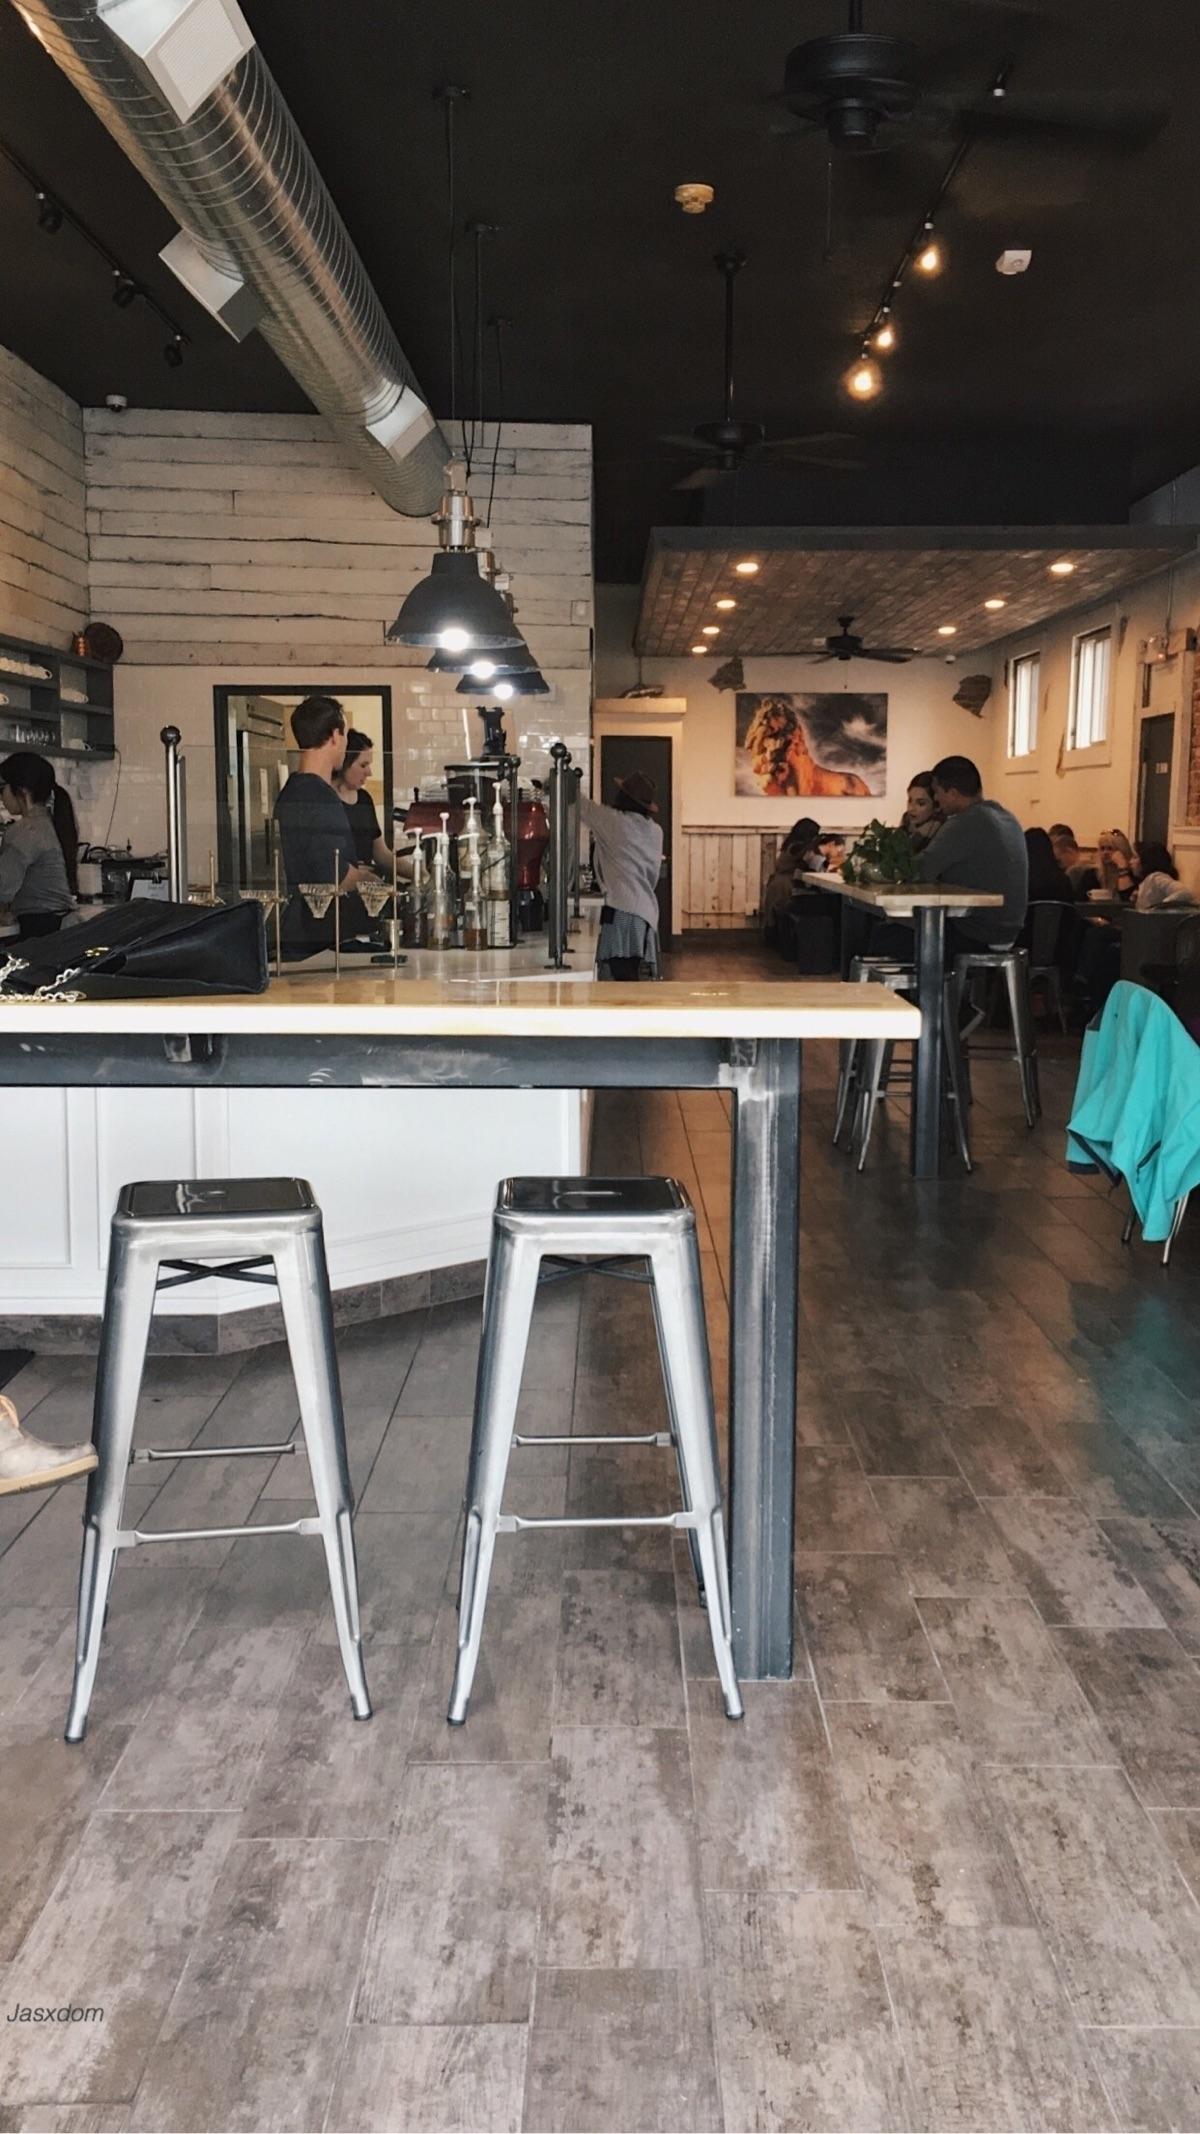 Coffee shop vsco#vscocam#photog - jasxrenn | ello